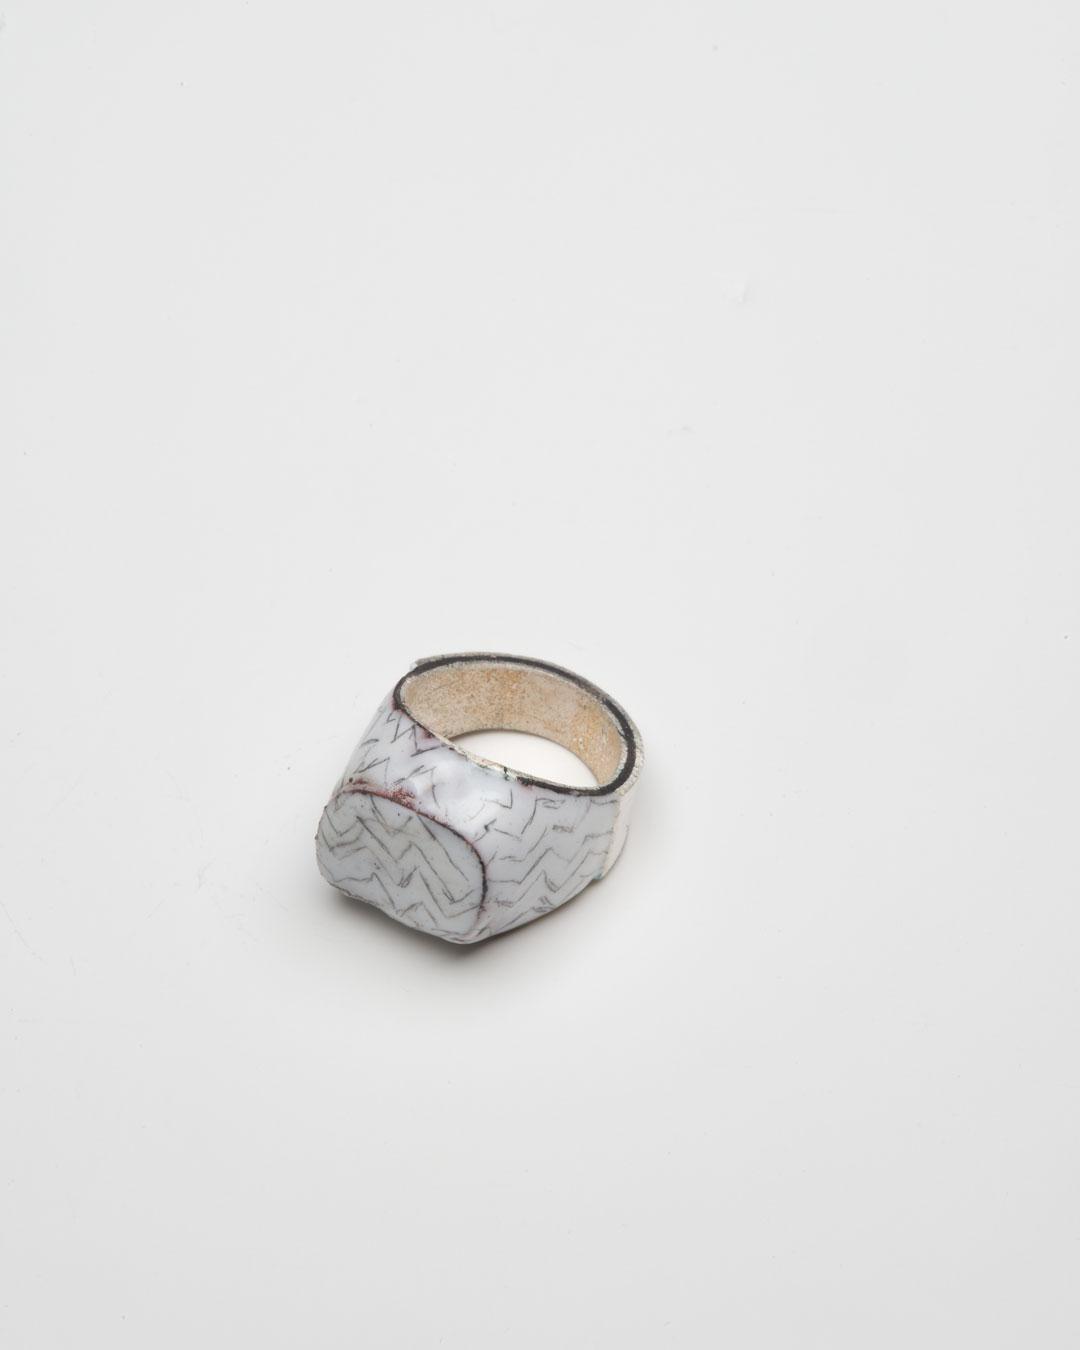 Aaron Decker, Charlie, 2018, ring; enamel, copper, silver, €1000